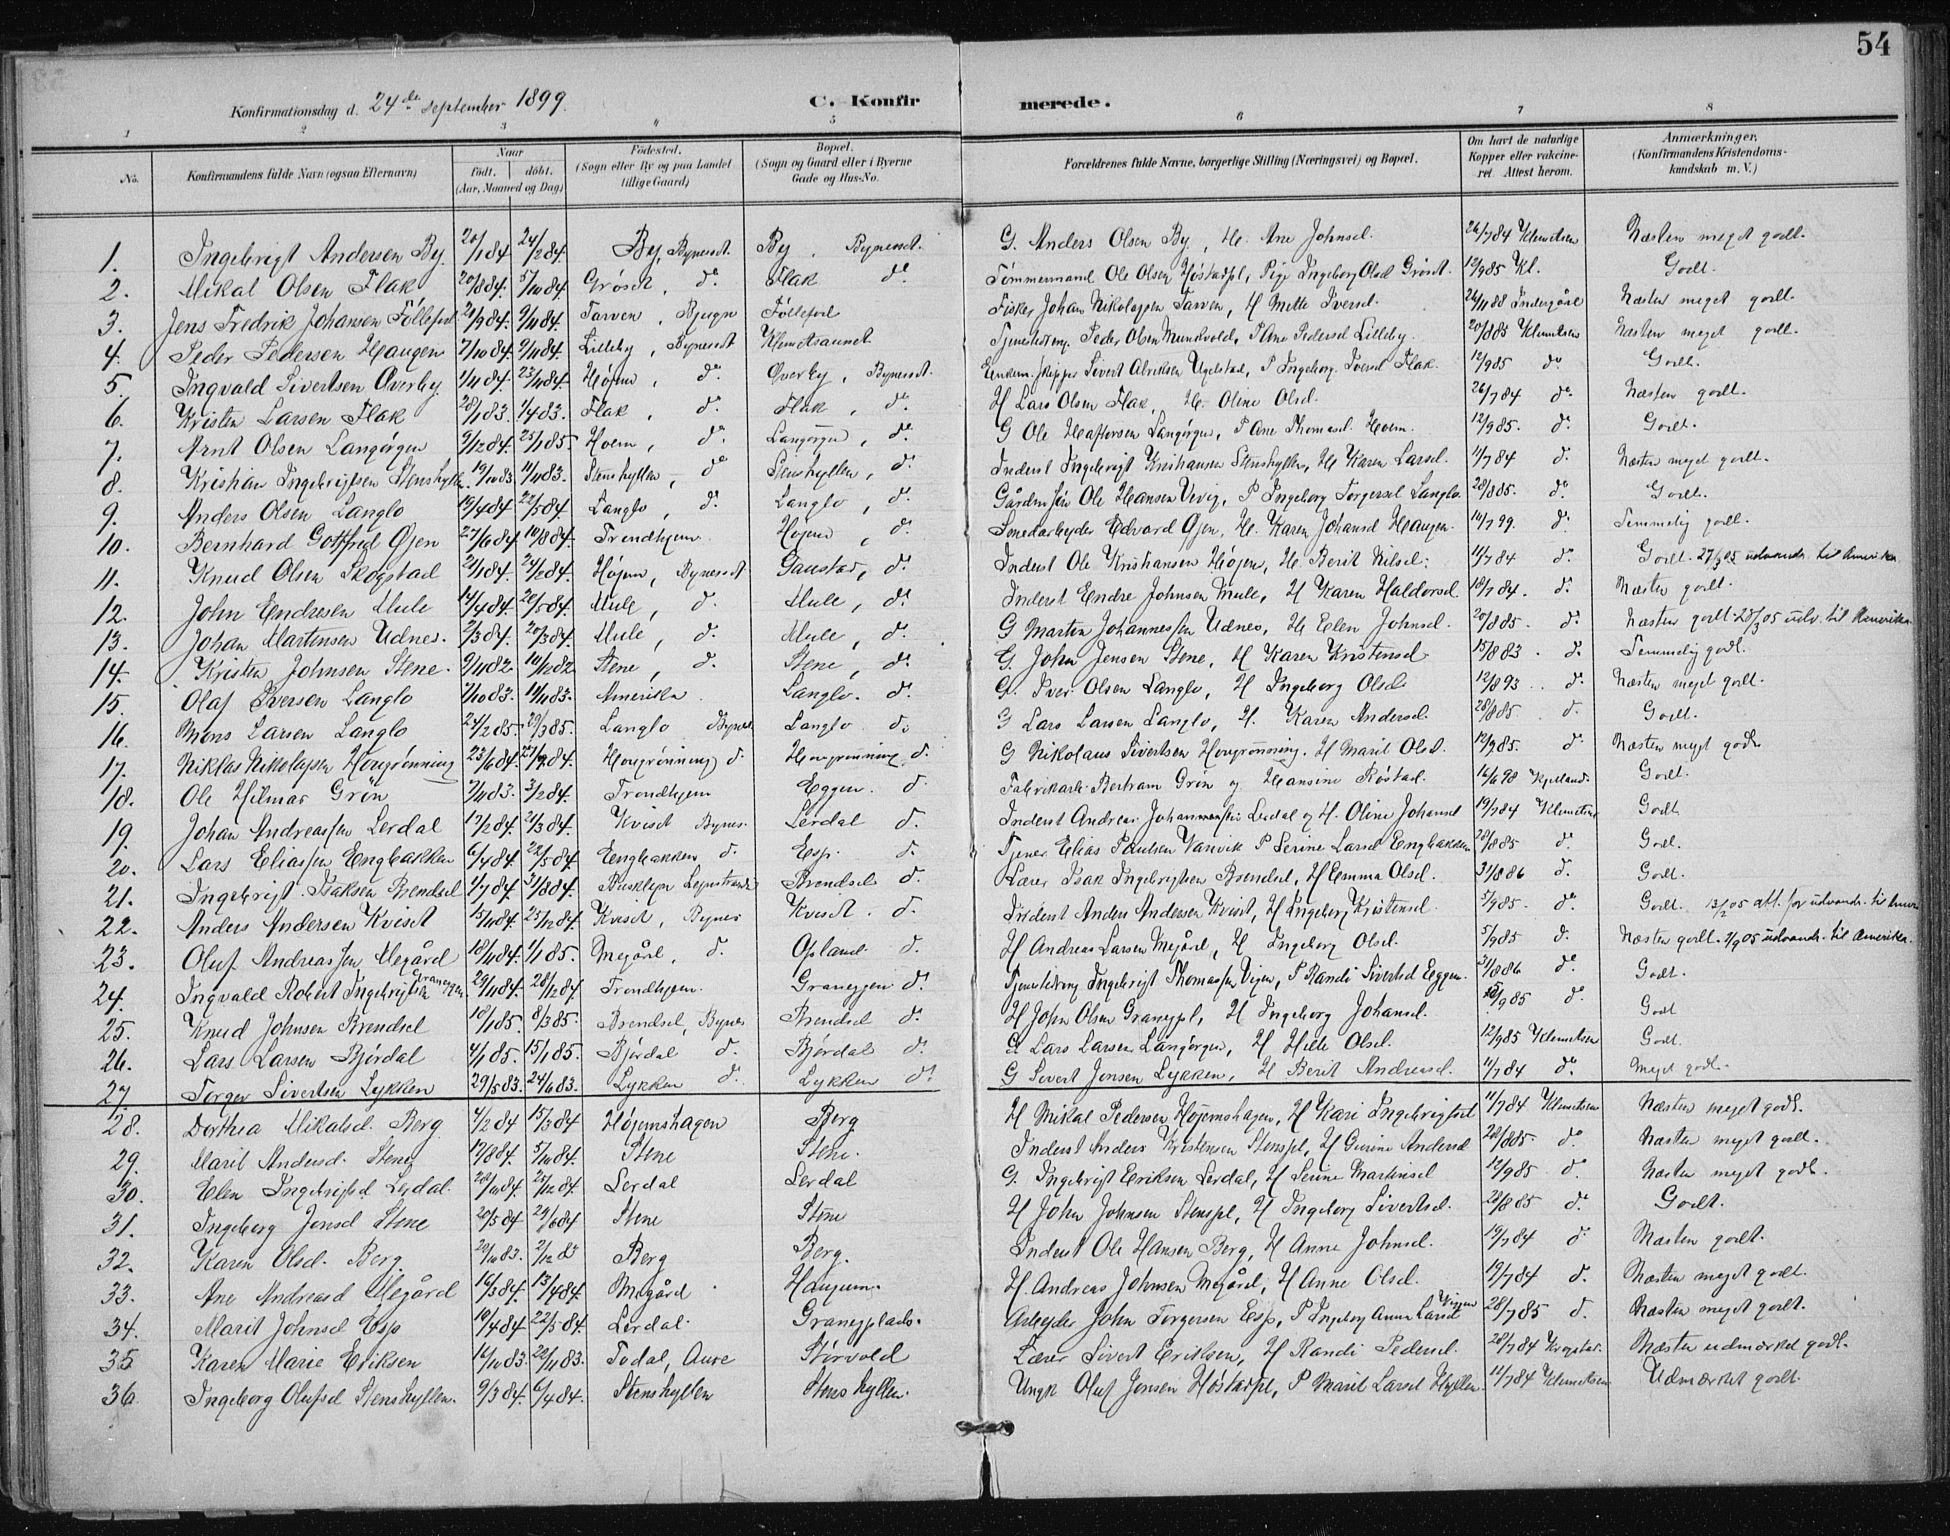 SAT, Ministerialprotokoller, klokkerbøker og fødselsregistre - Sør-Trøndelag, 612/L0380: Ministerialbok nr. 612A12, 1898-1907, s. 54